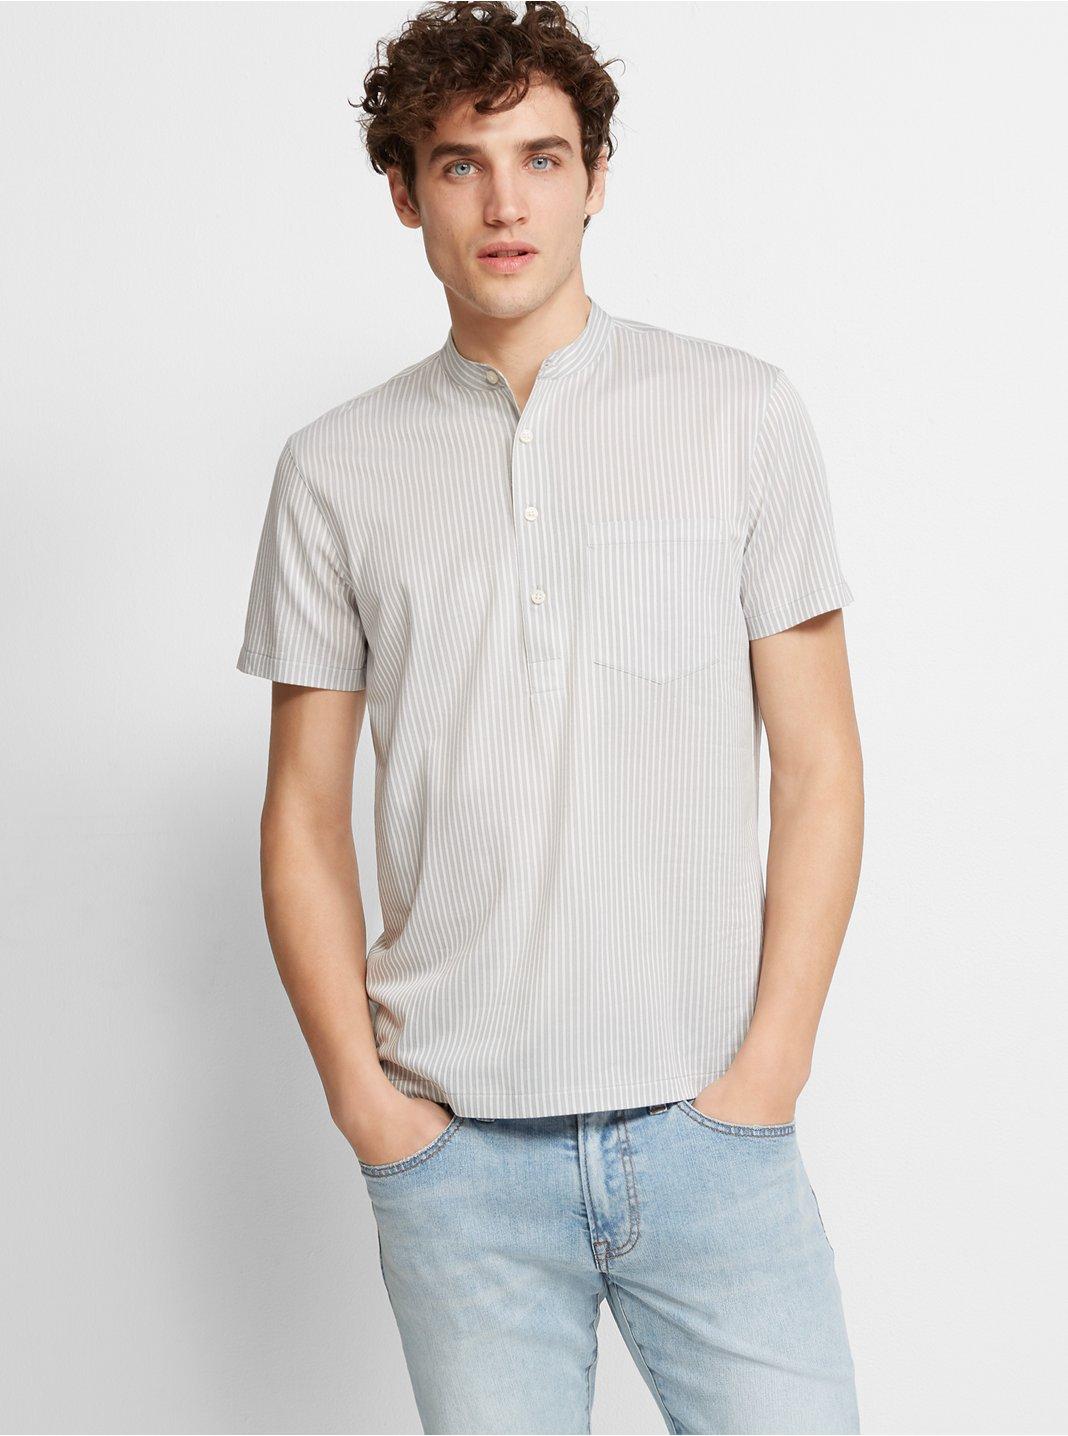 Short-Sleeve Stripe Popover